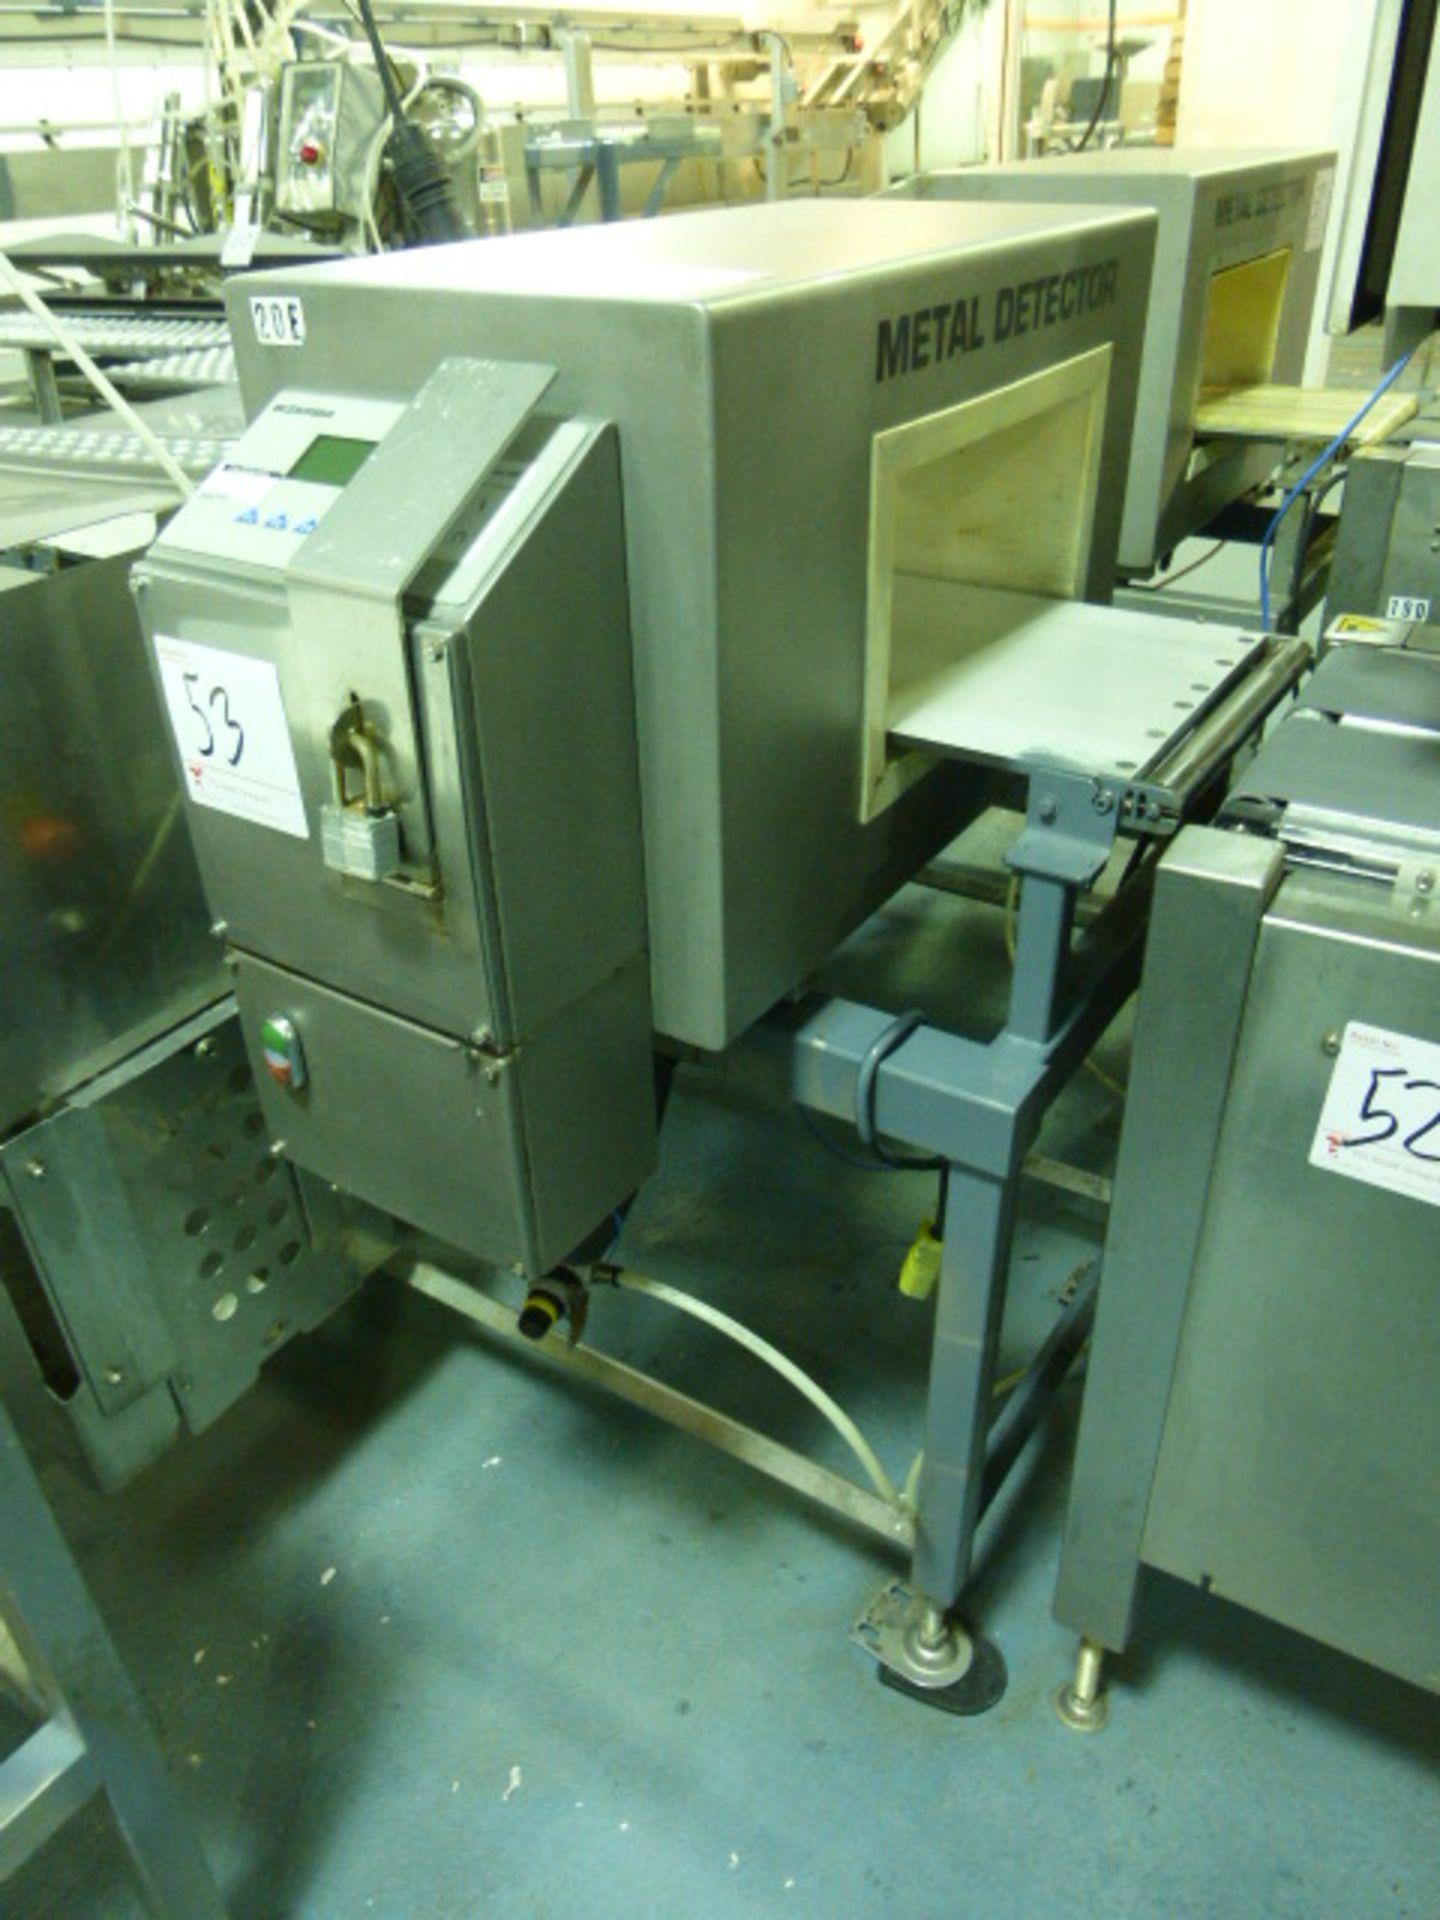 Lot 53 - Bizerba metal detector, model GLS350, s/n 2001-10-191, 13.75 in. x 7.75 in. aperture